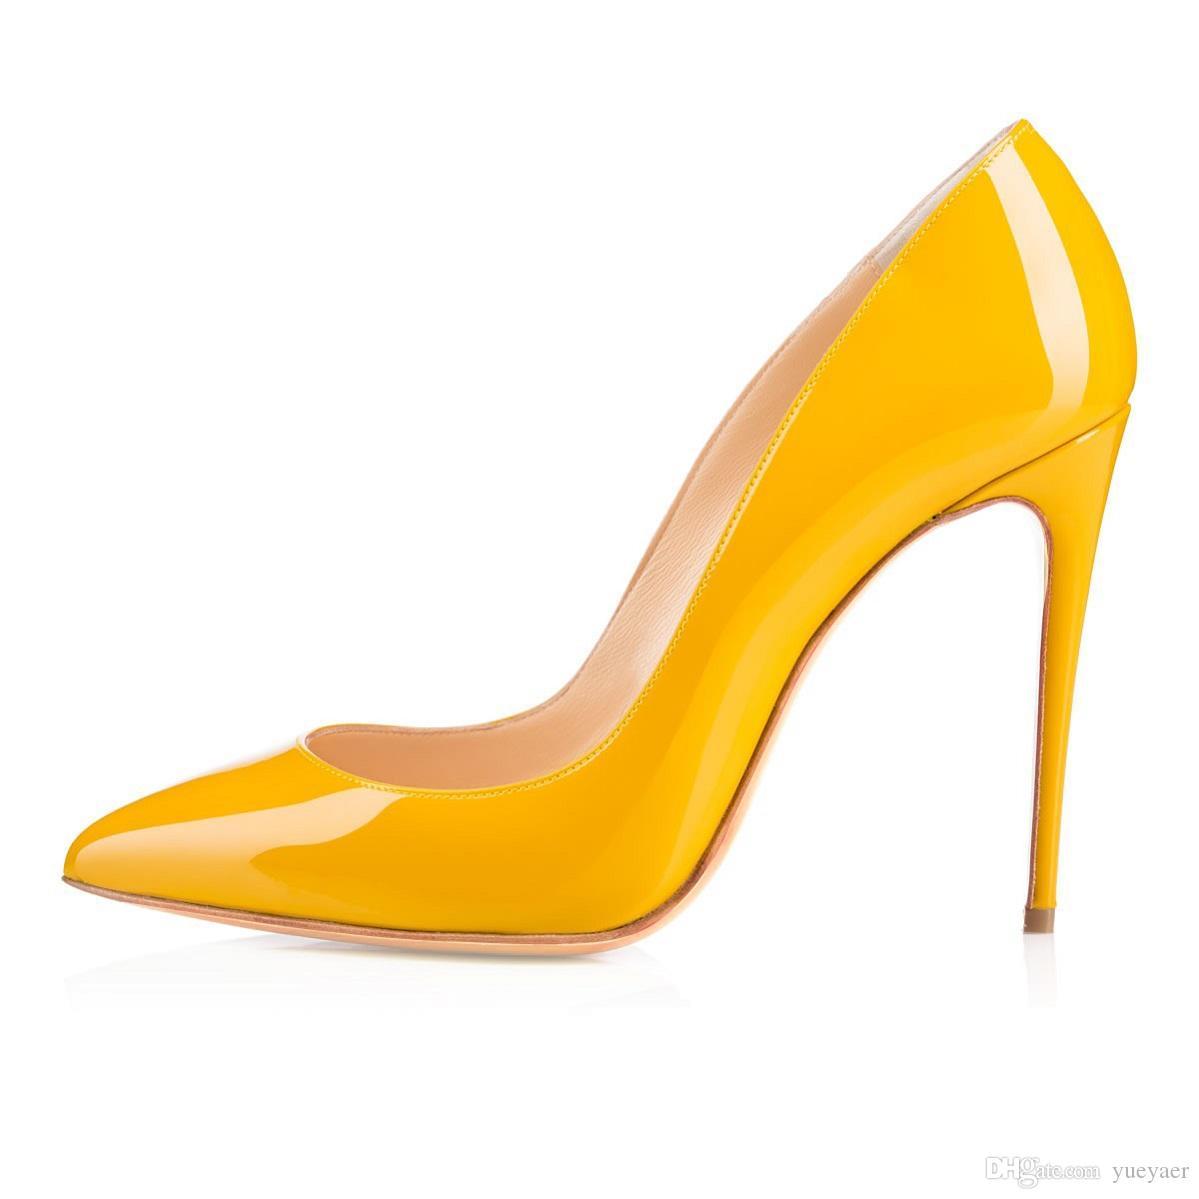 Karmran Kadınlar El Yapımı Moda Bigalle Dollies Stil 100 MM Yeni Varış Sivri Yüksek Topuk Ayakkabı Pompaları Sarı Z628